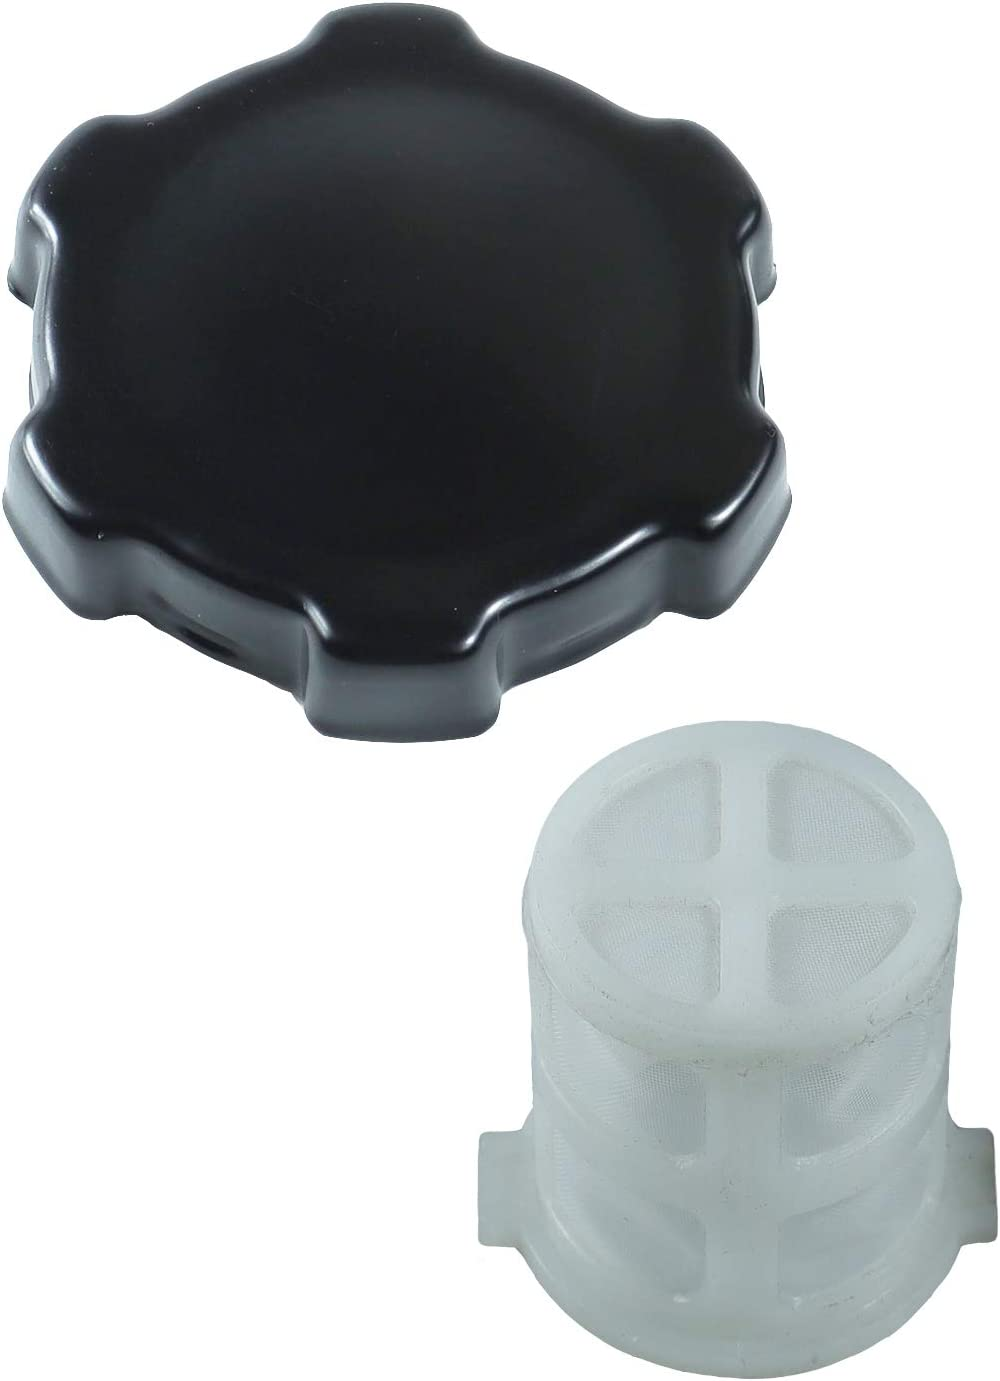 POSEAGLE X43-04401-43 Fuel Cap for Robin Subaru EX13 EX17 EX21 EX40 Engines Replaces X43 04401 43,X430440143